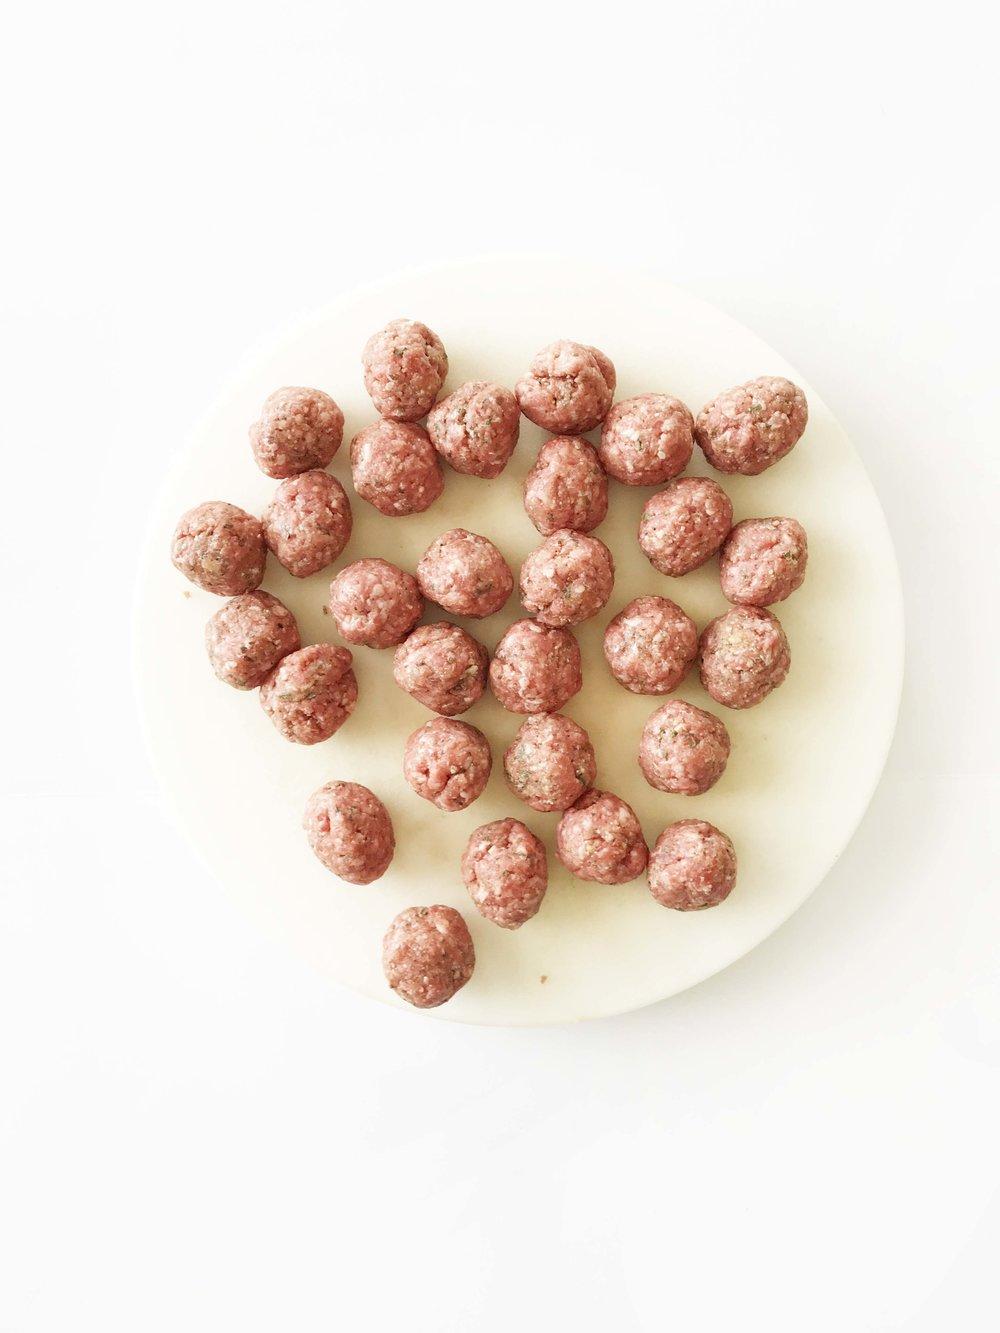 guinness-meatballs2.jpg